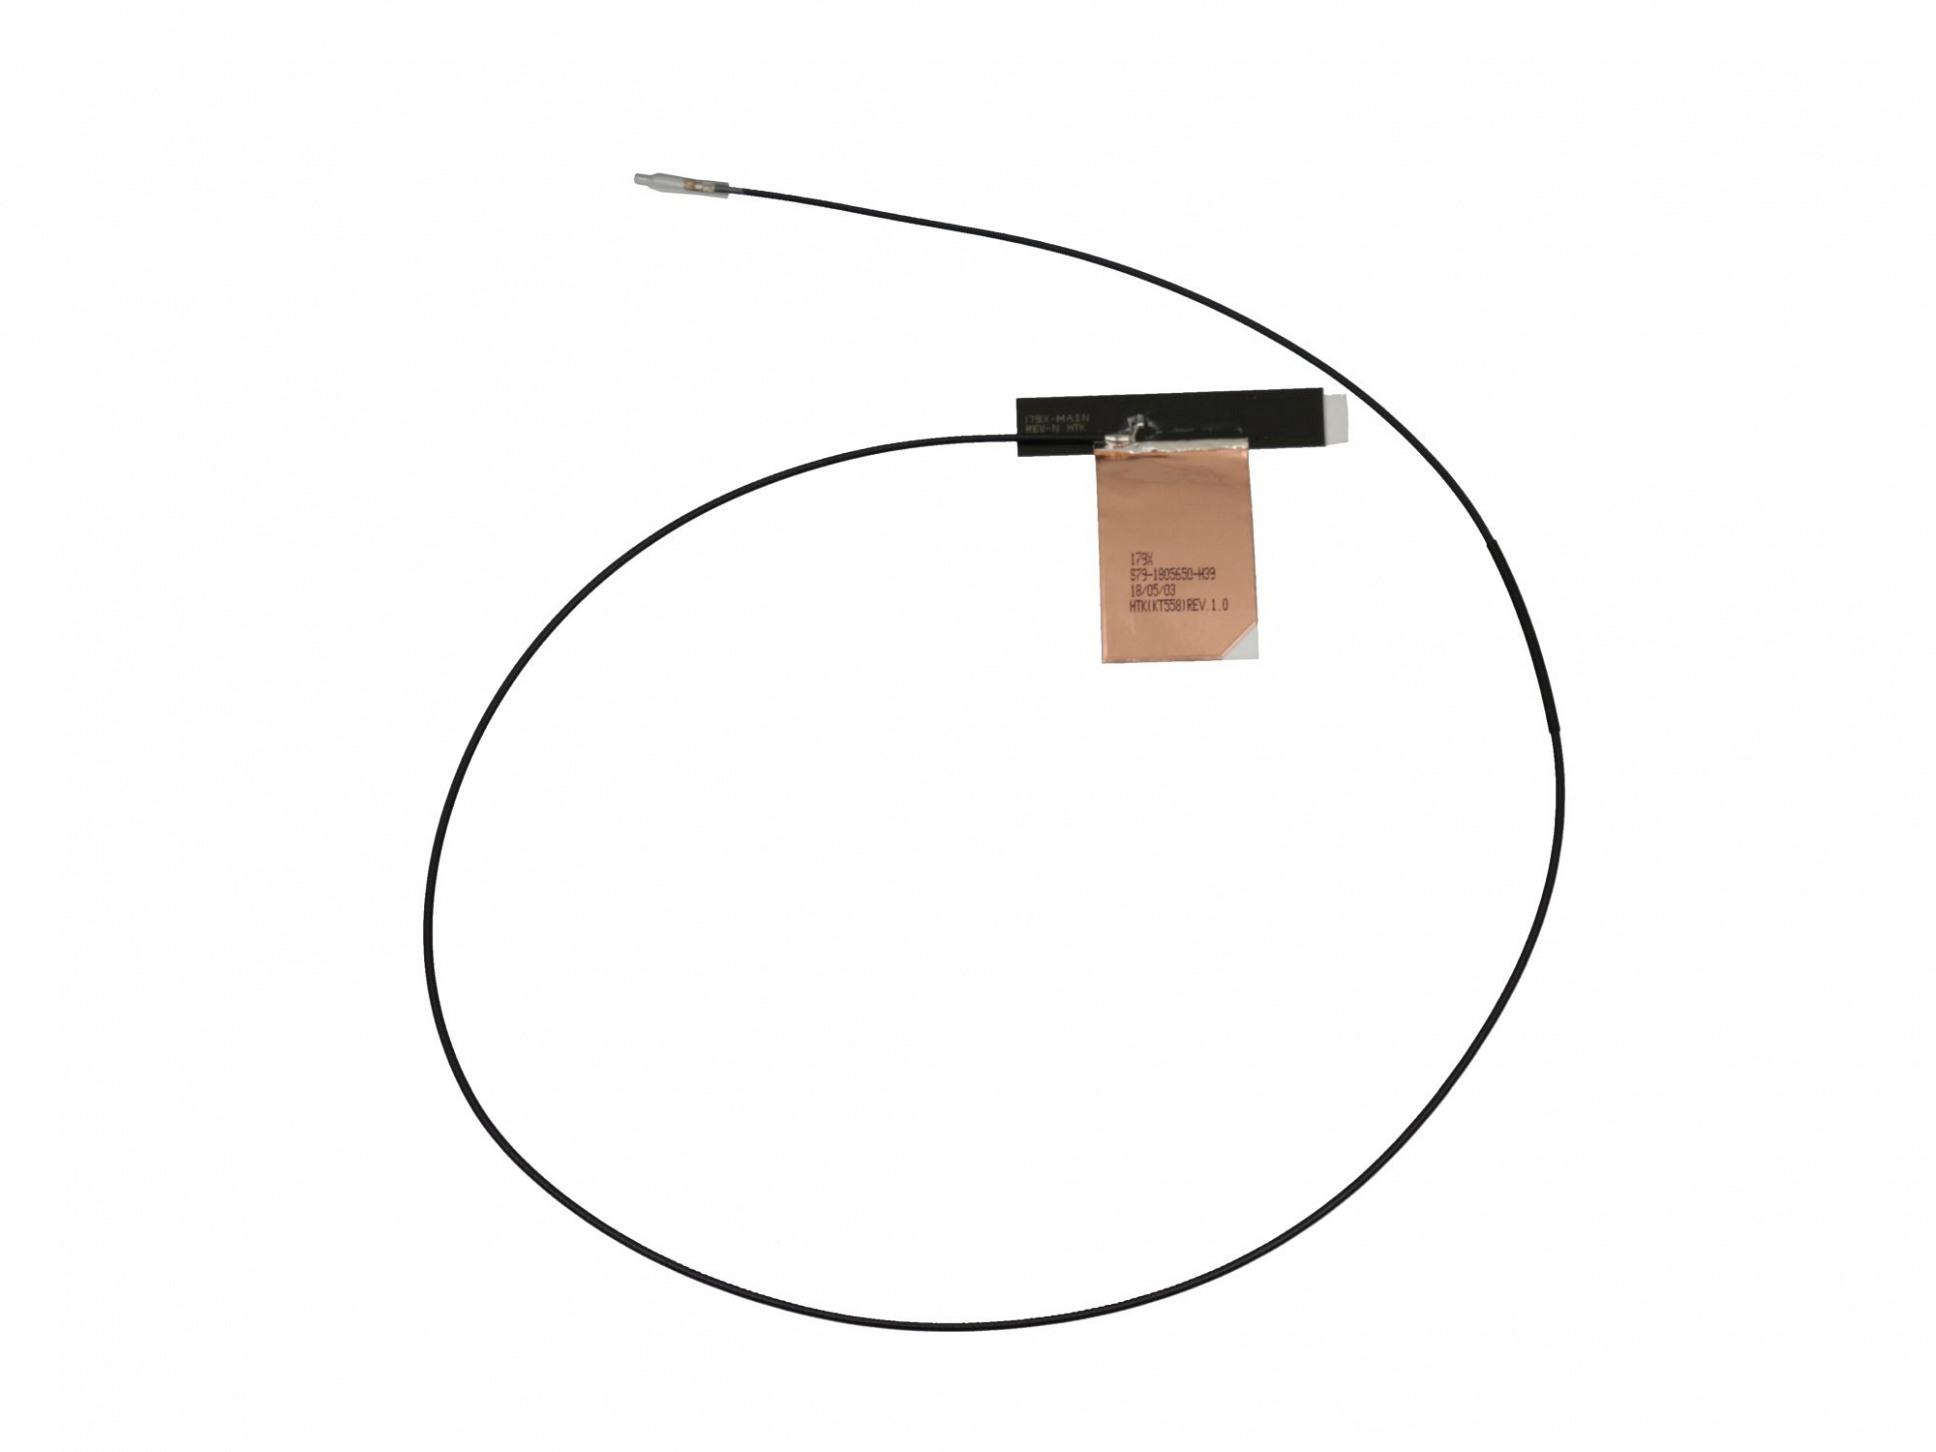 MSI S79-1805650-H39 WLAN Antenne (AUX WLAN)